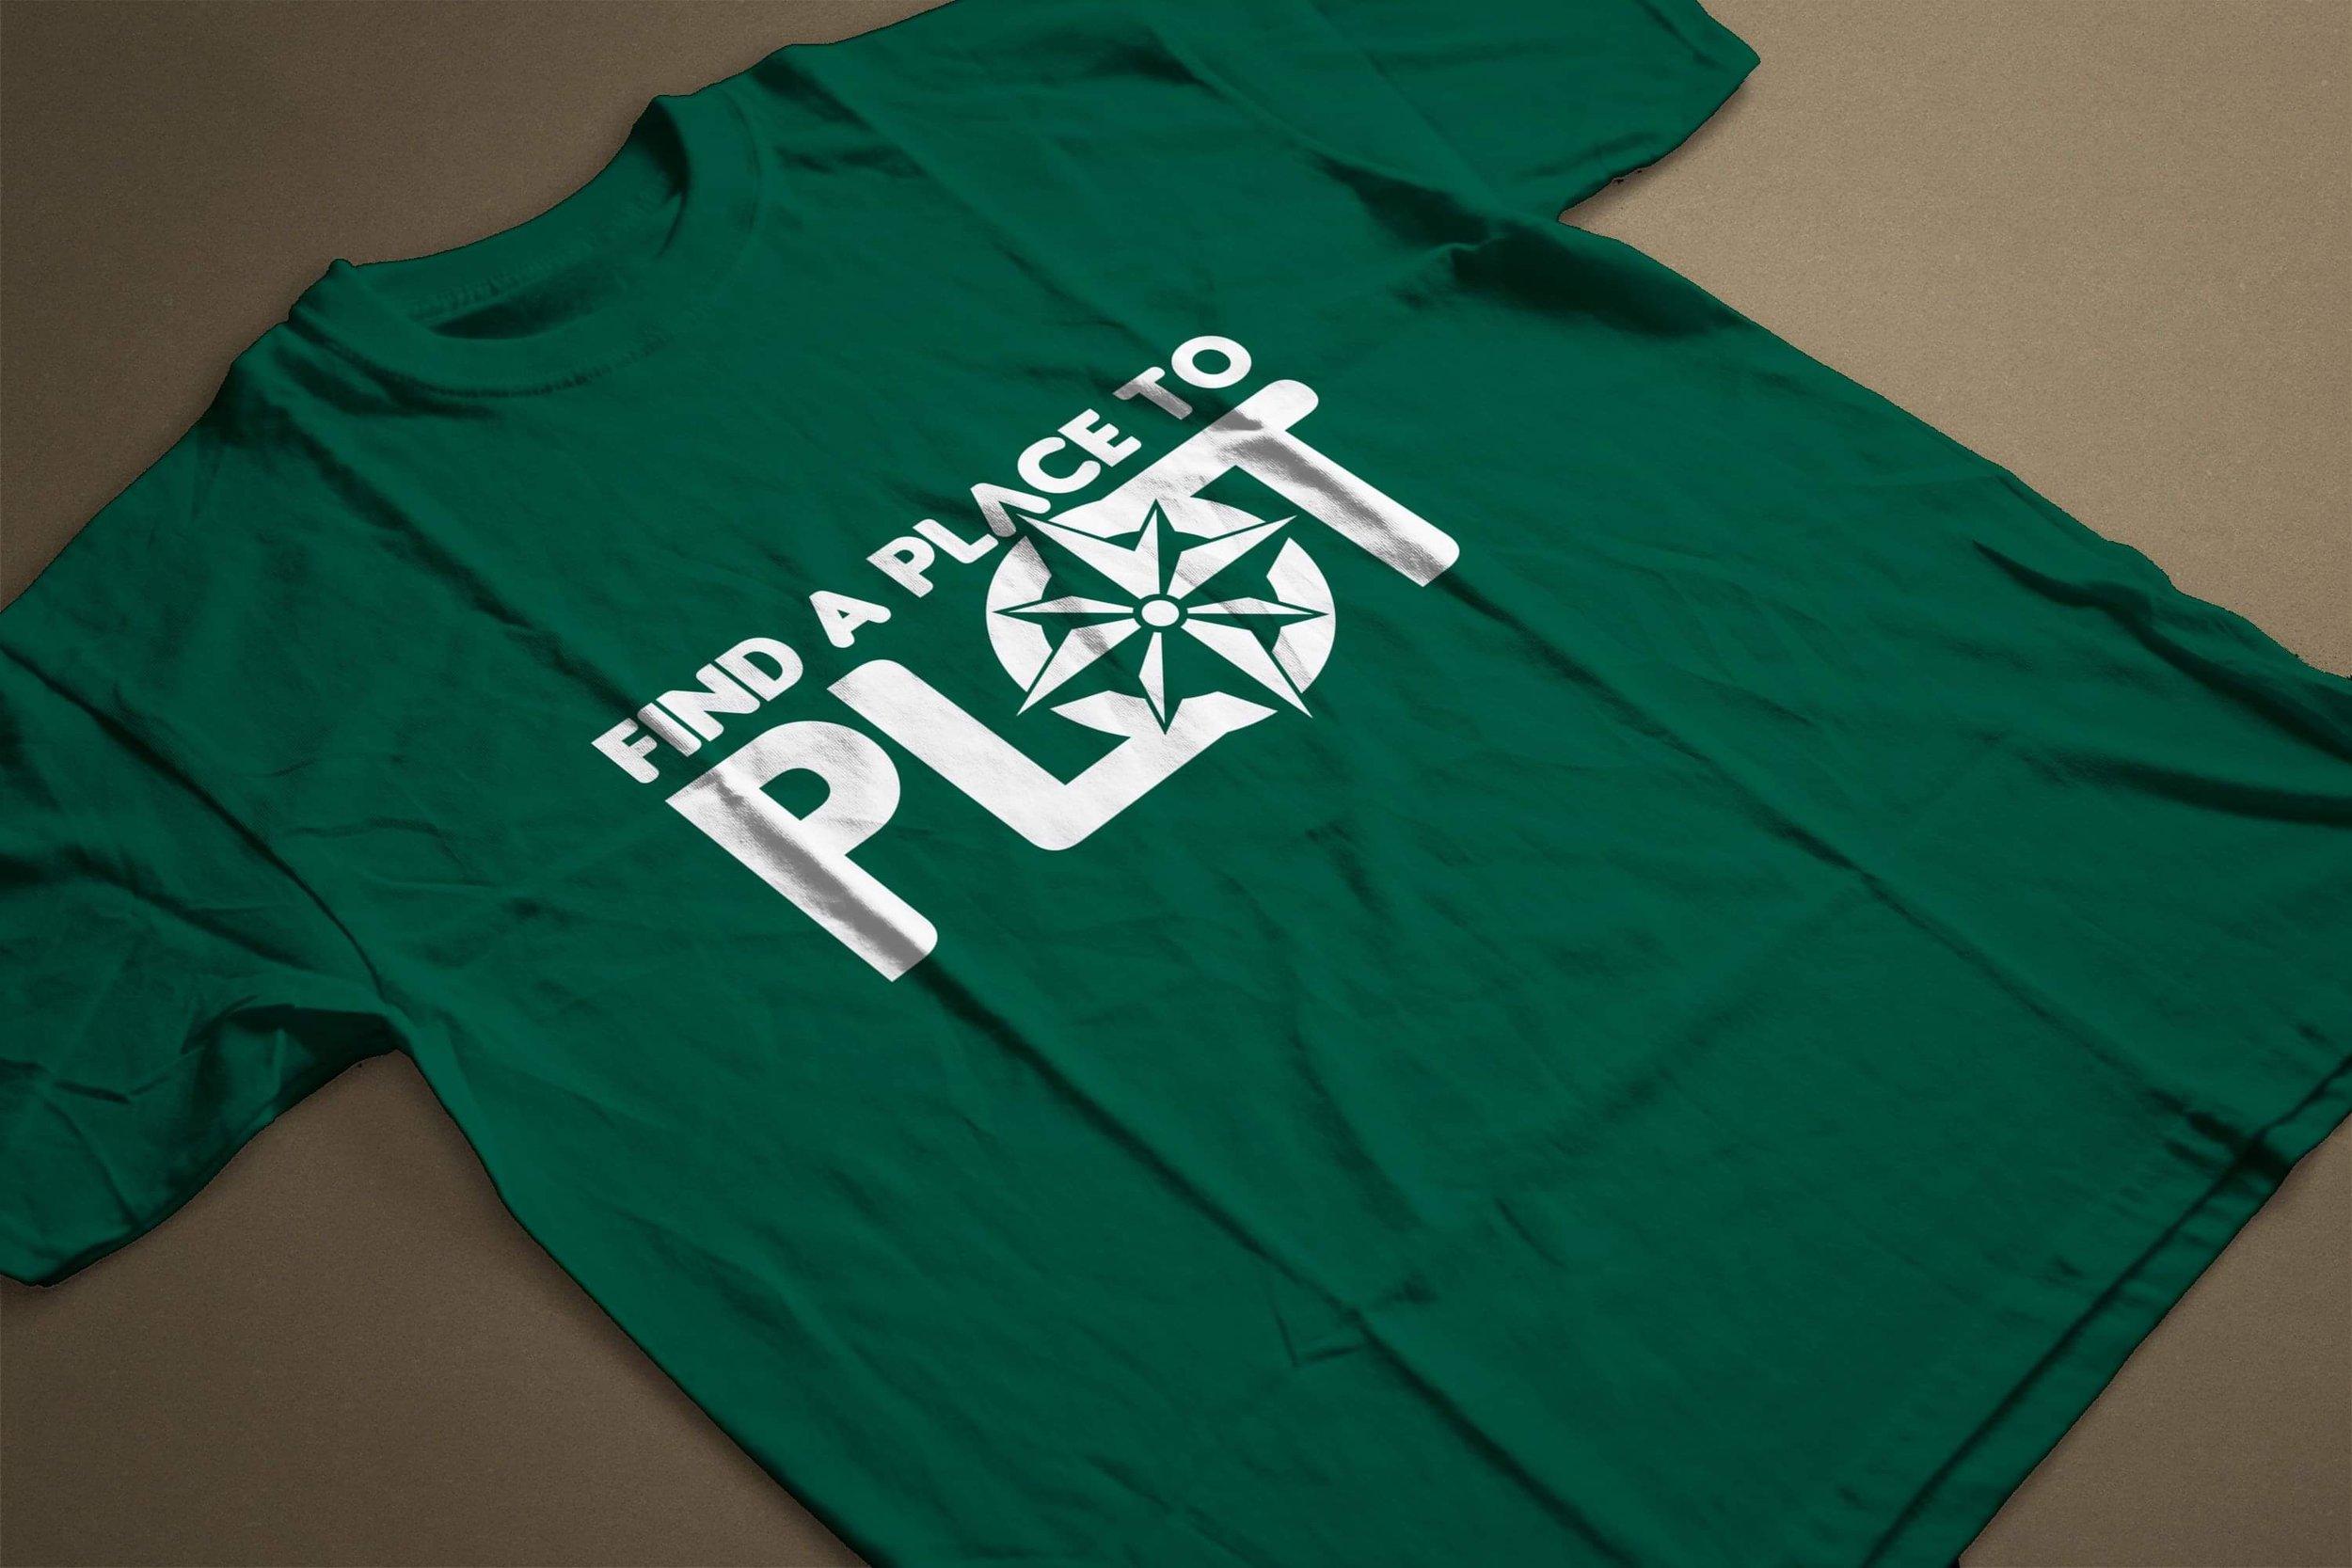 place plot shirt green.JPG